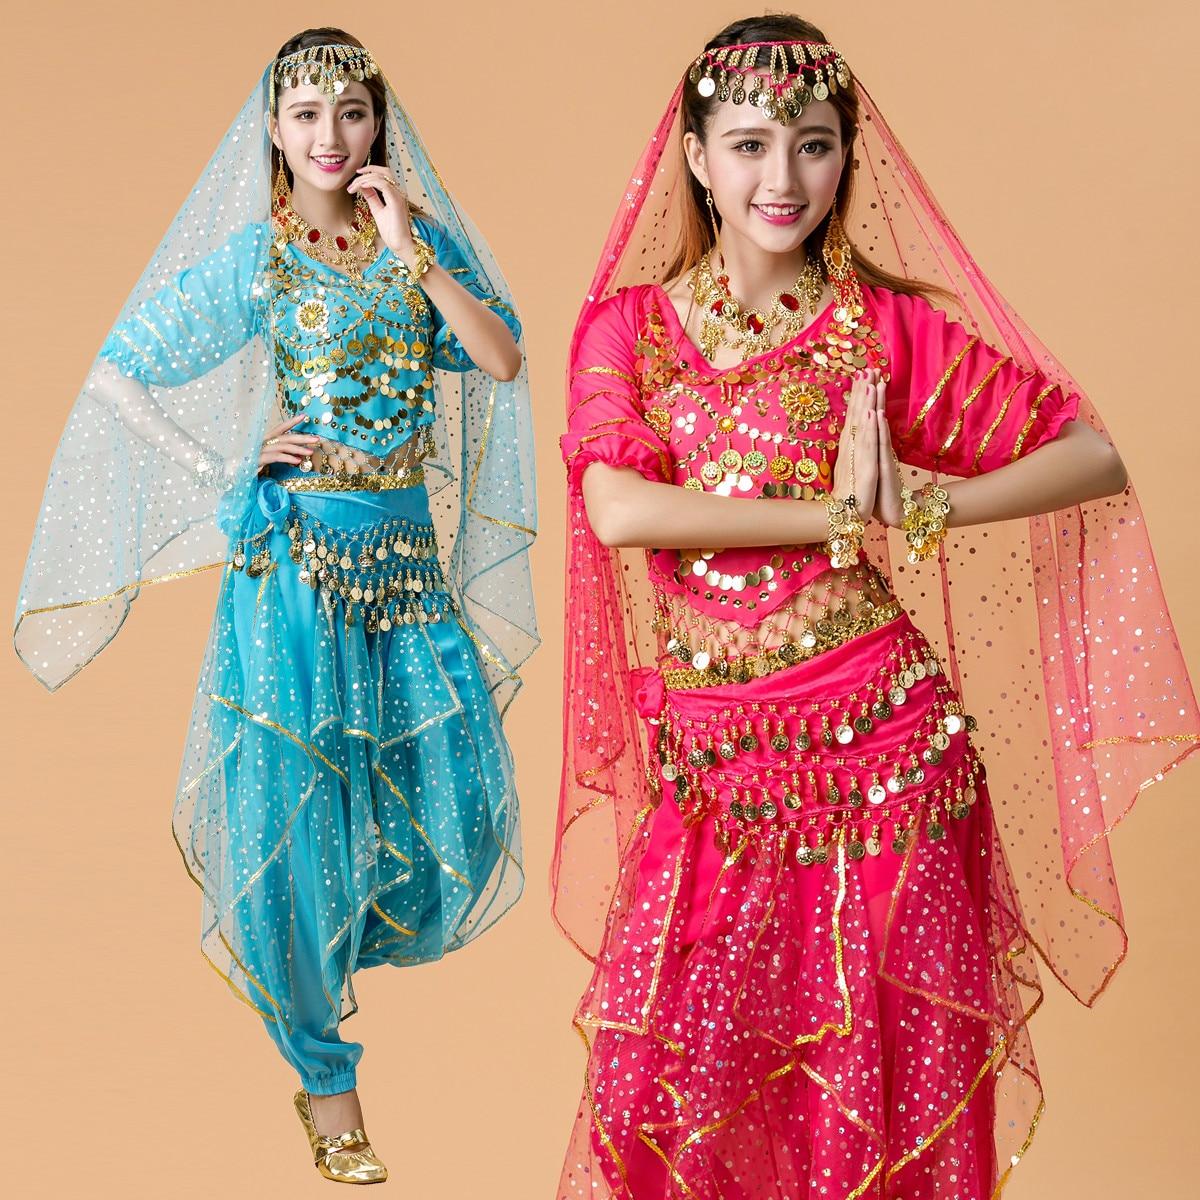 ヾ(^▽^)ノRopa de baile de La Gasa de 6 Colores Ropa para Damas ...